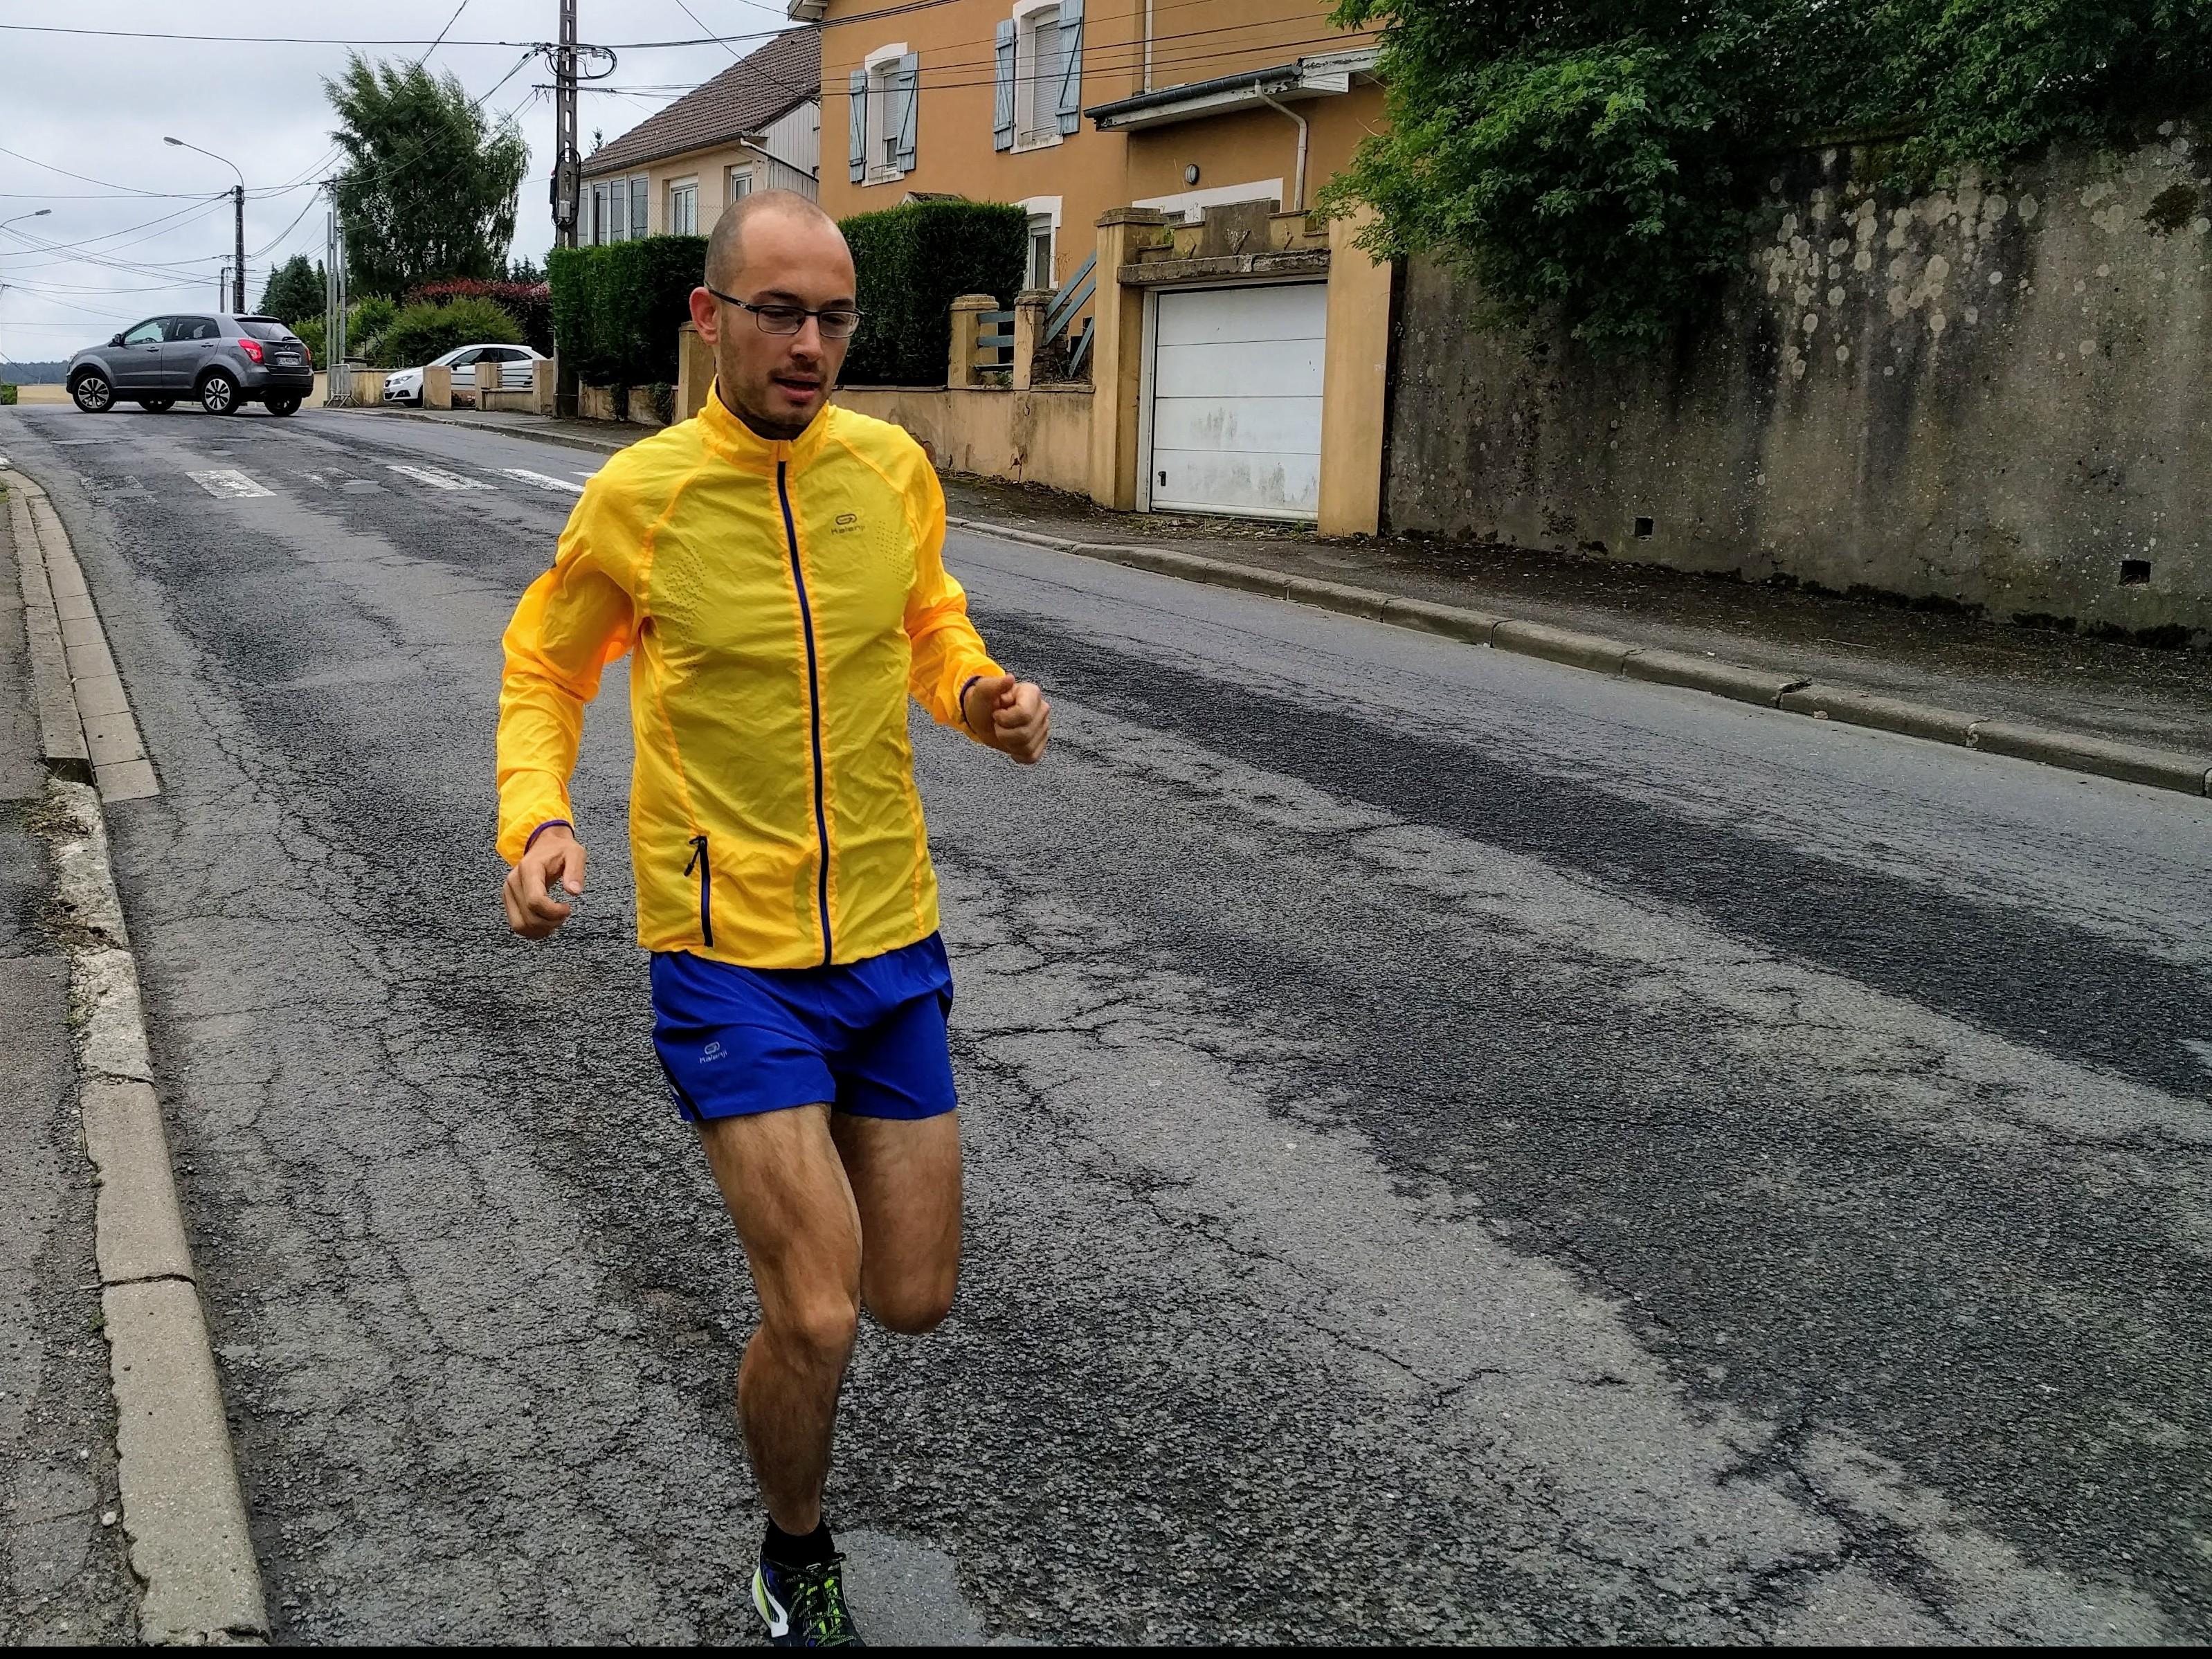 F7b6gy Sac Le Dos Moins Facilepeche Et En Marathon C'est 3h De A MUqSzVp